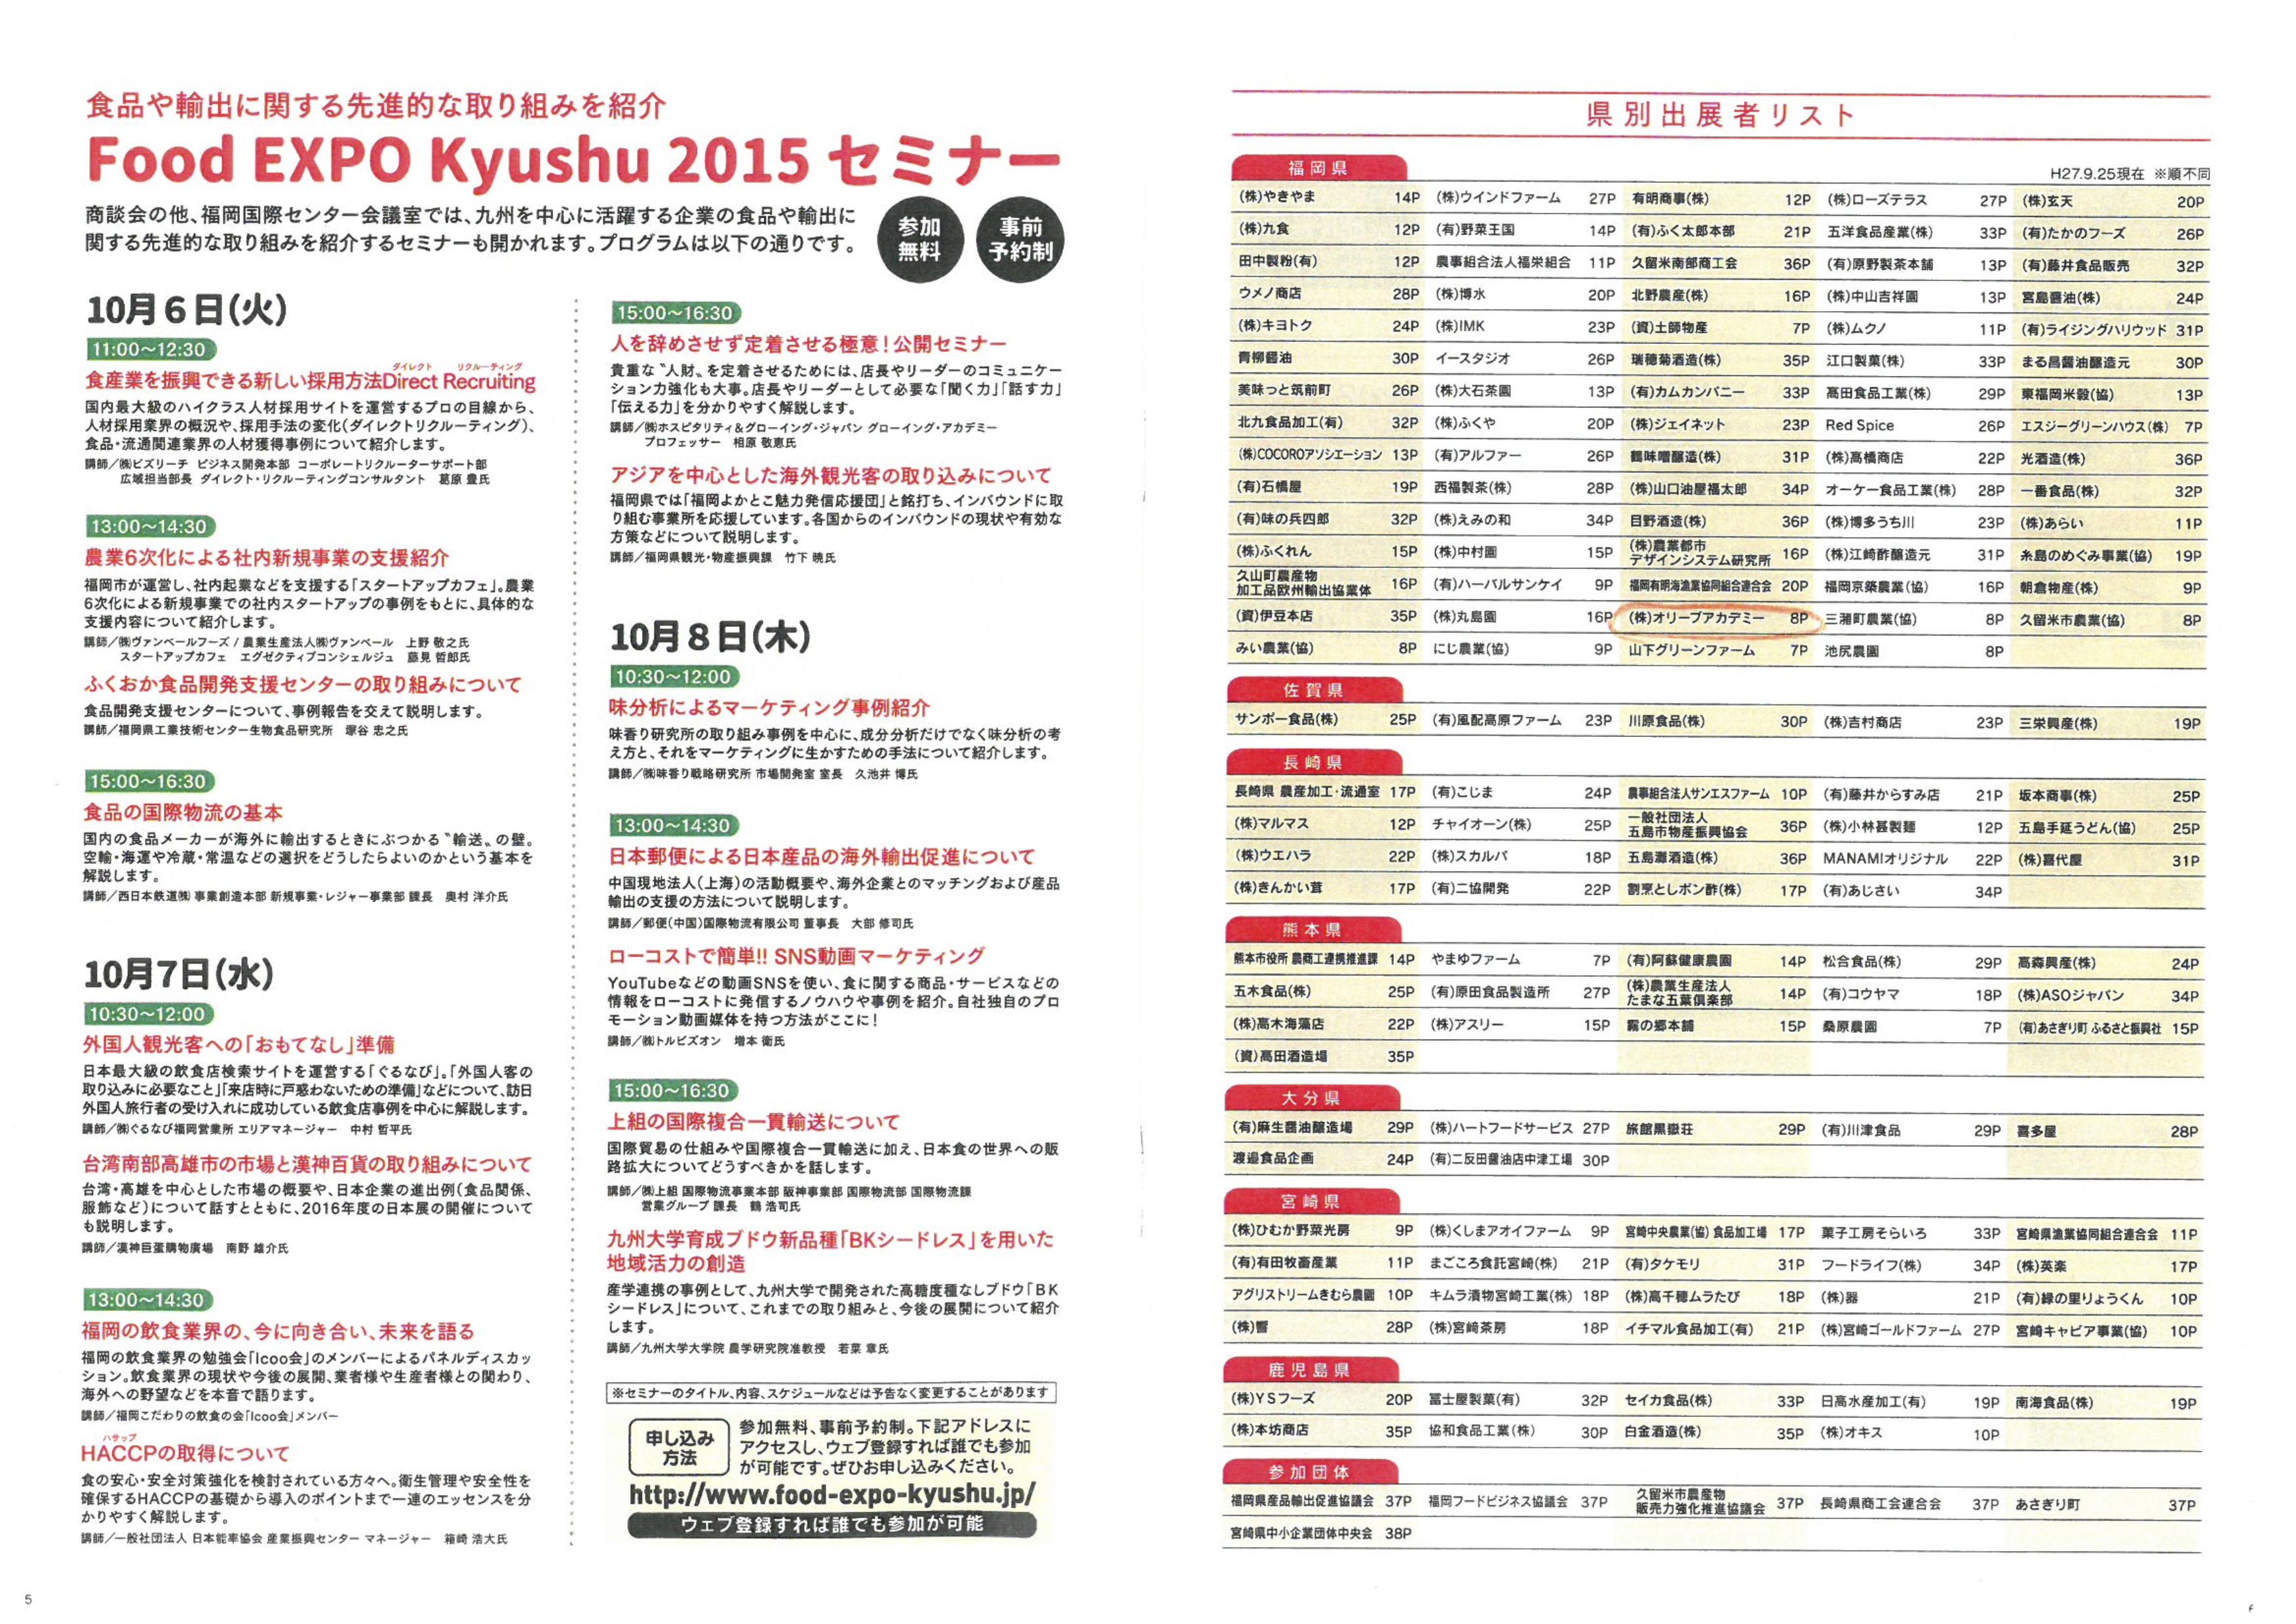 フードエキスポ資料①15.10.6